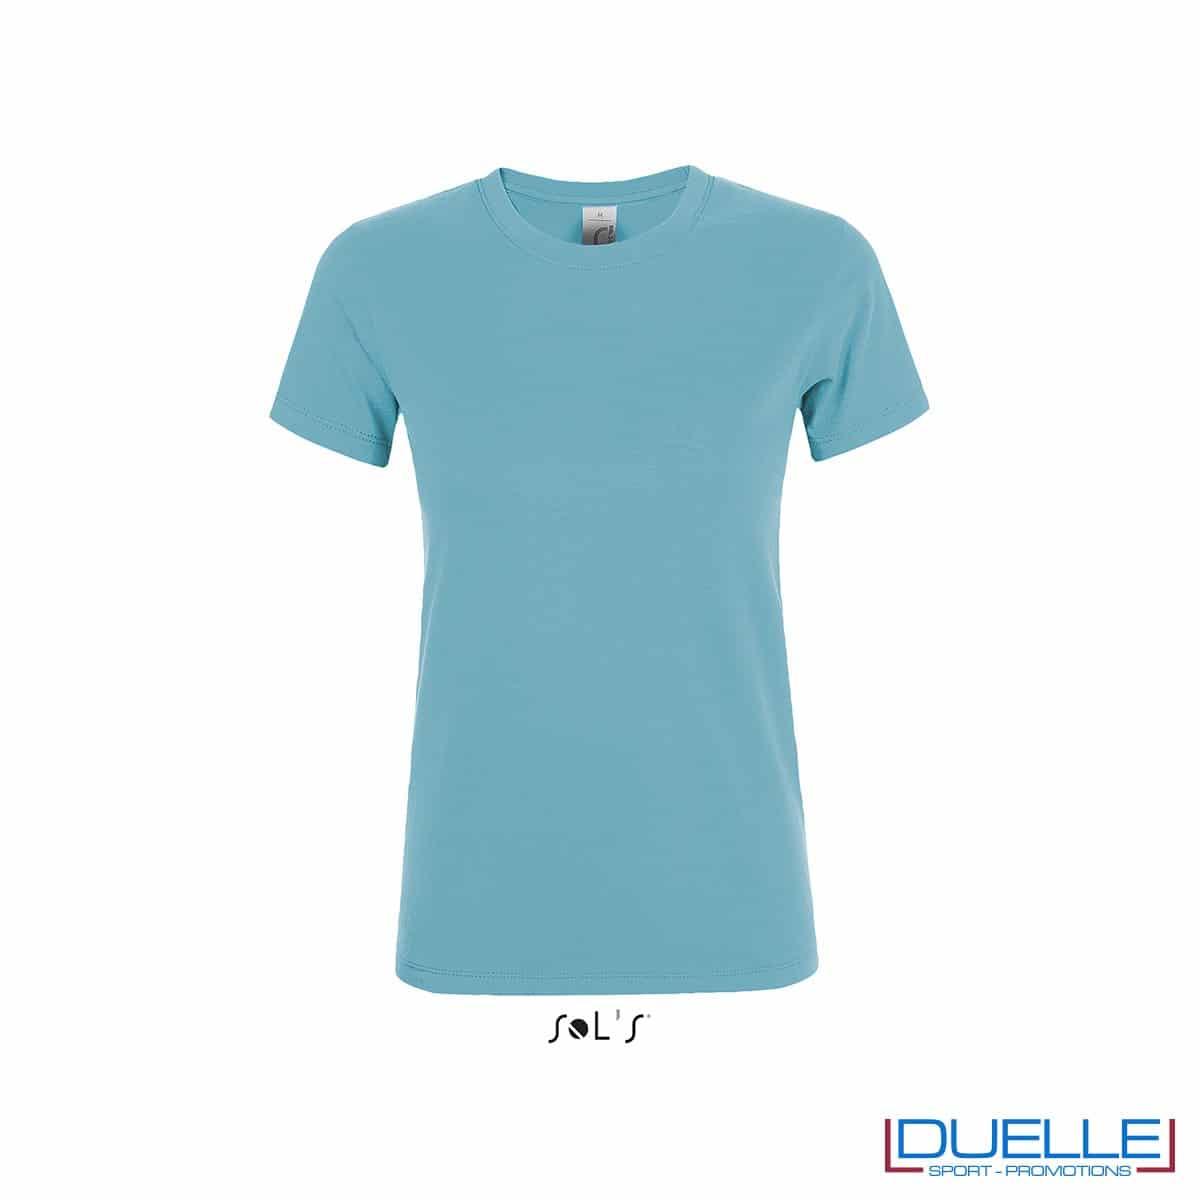 maglietta personalizzata da donna in colore blu atollo